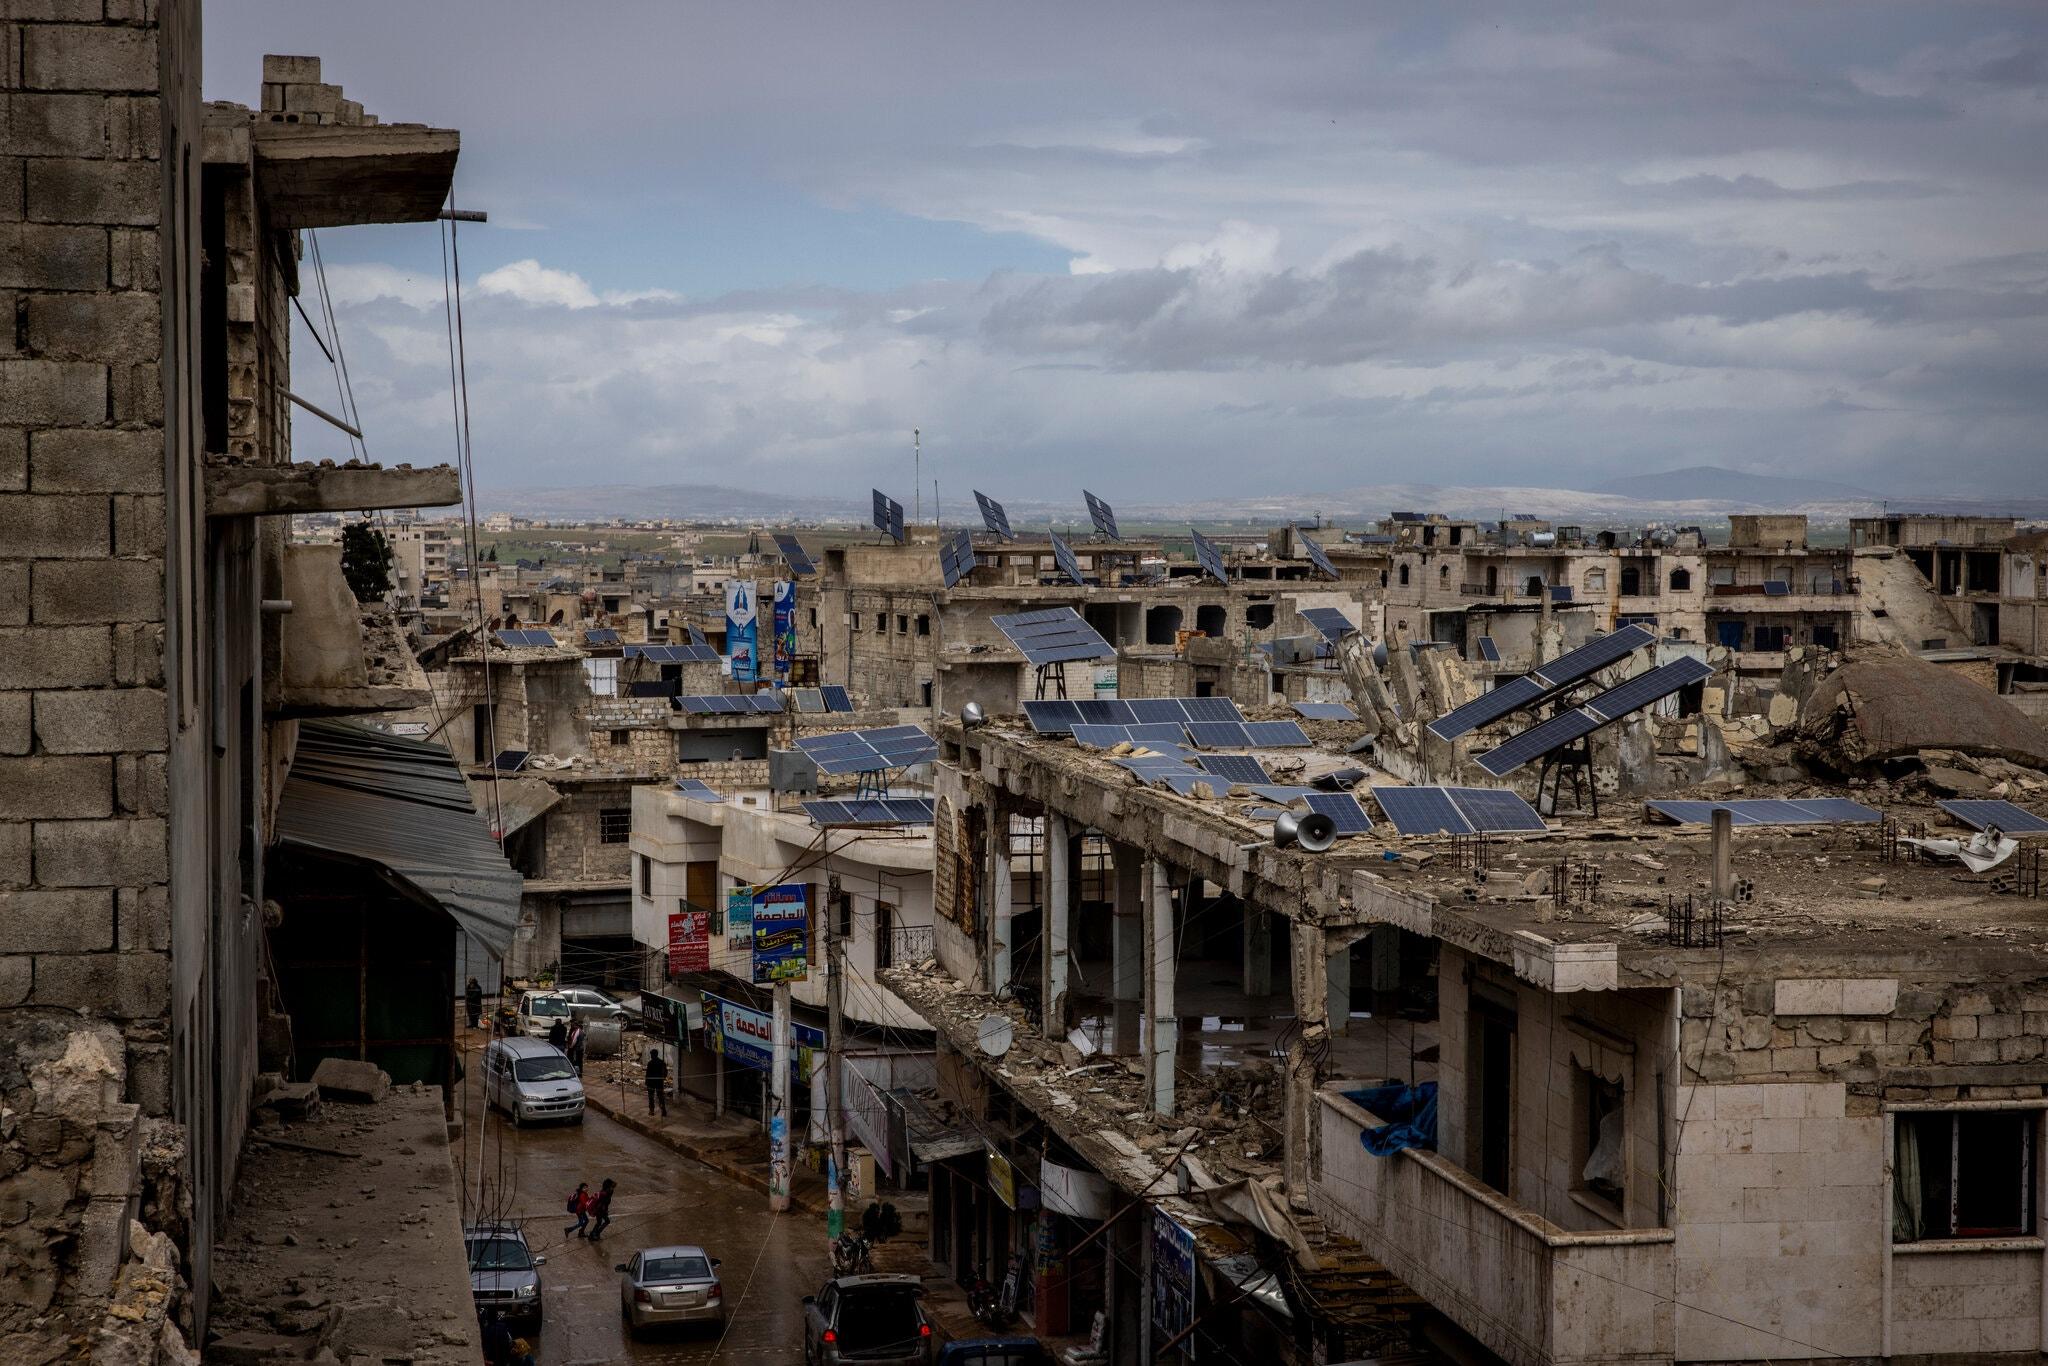 الطاقة الشمسية في إدلب - ألواح طاقة شمسية على أسطح المباني في سوريا